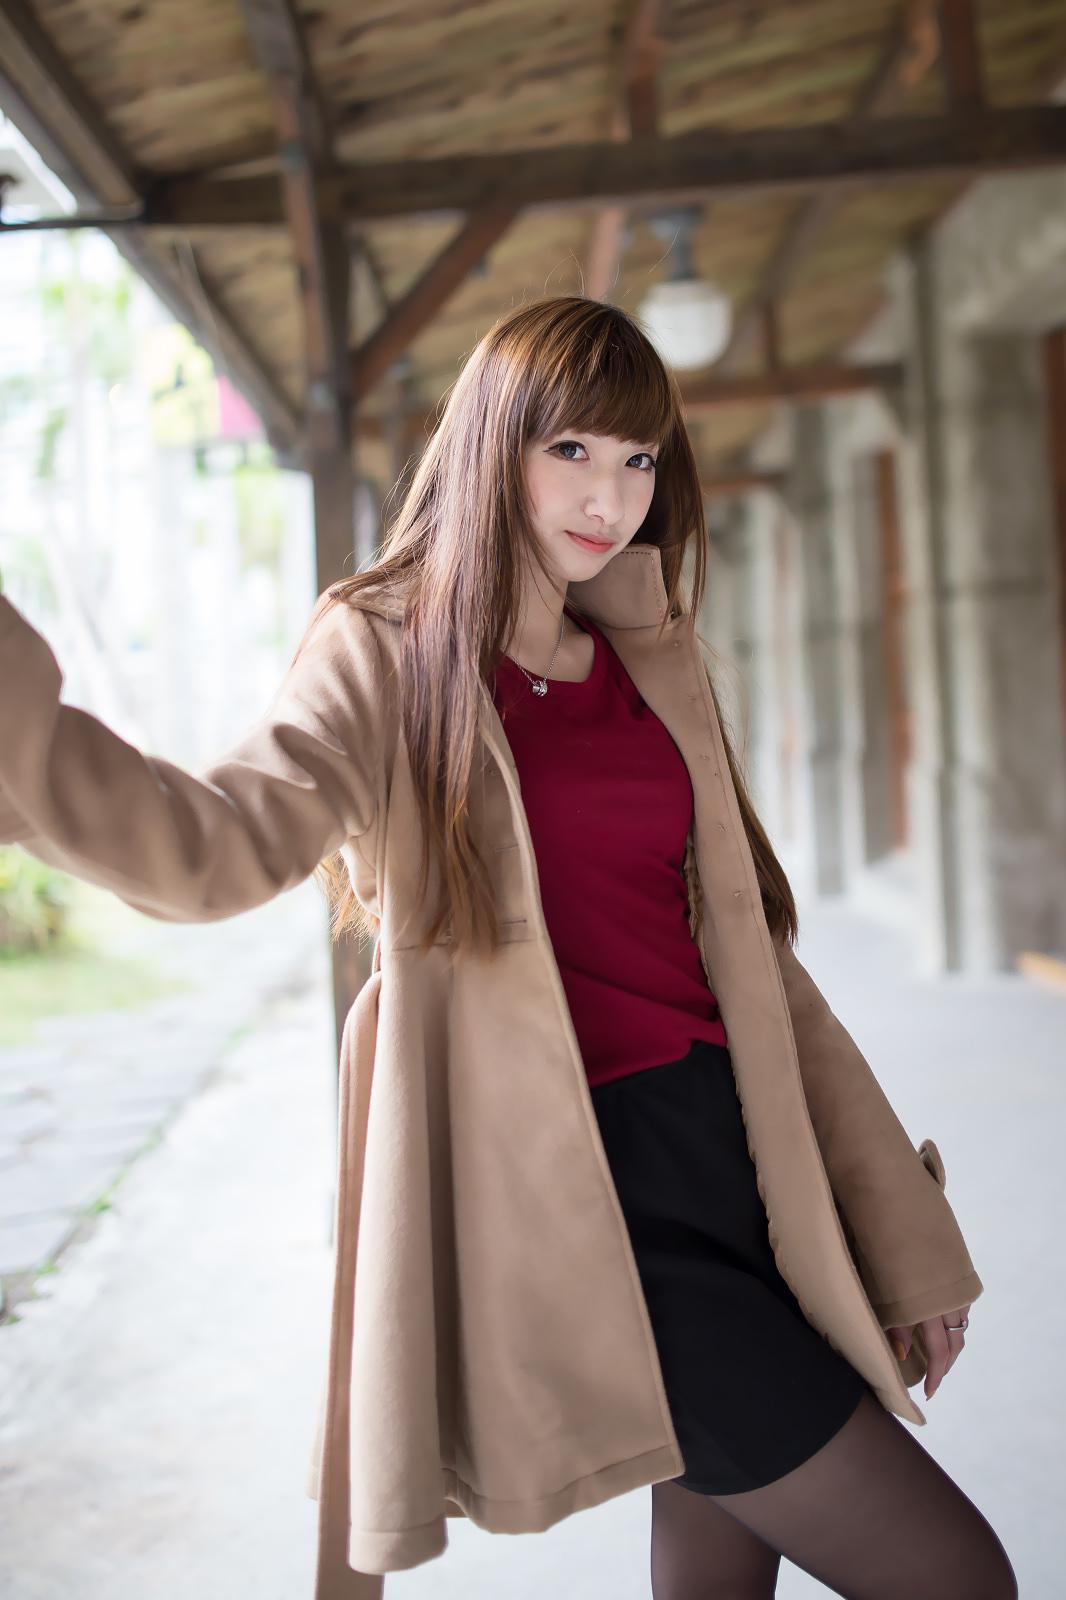 黑丝美女——古小君 [51P] - 热鸟论坛